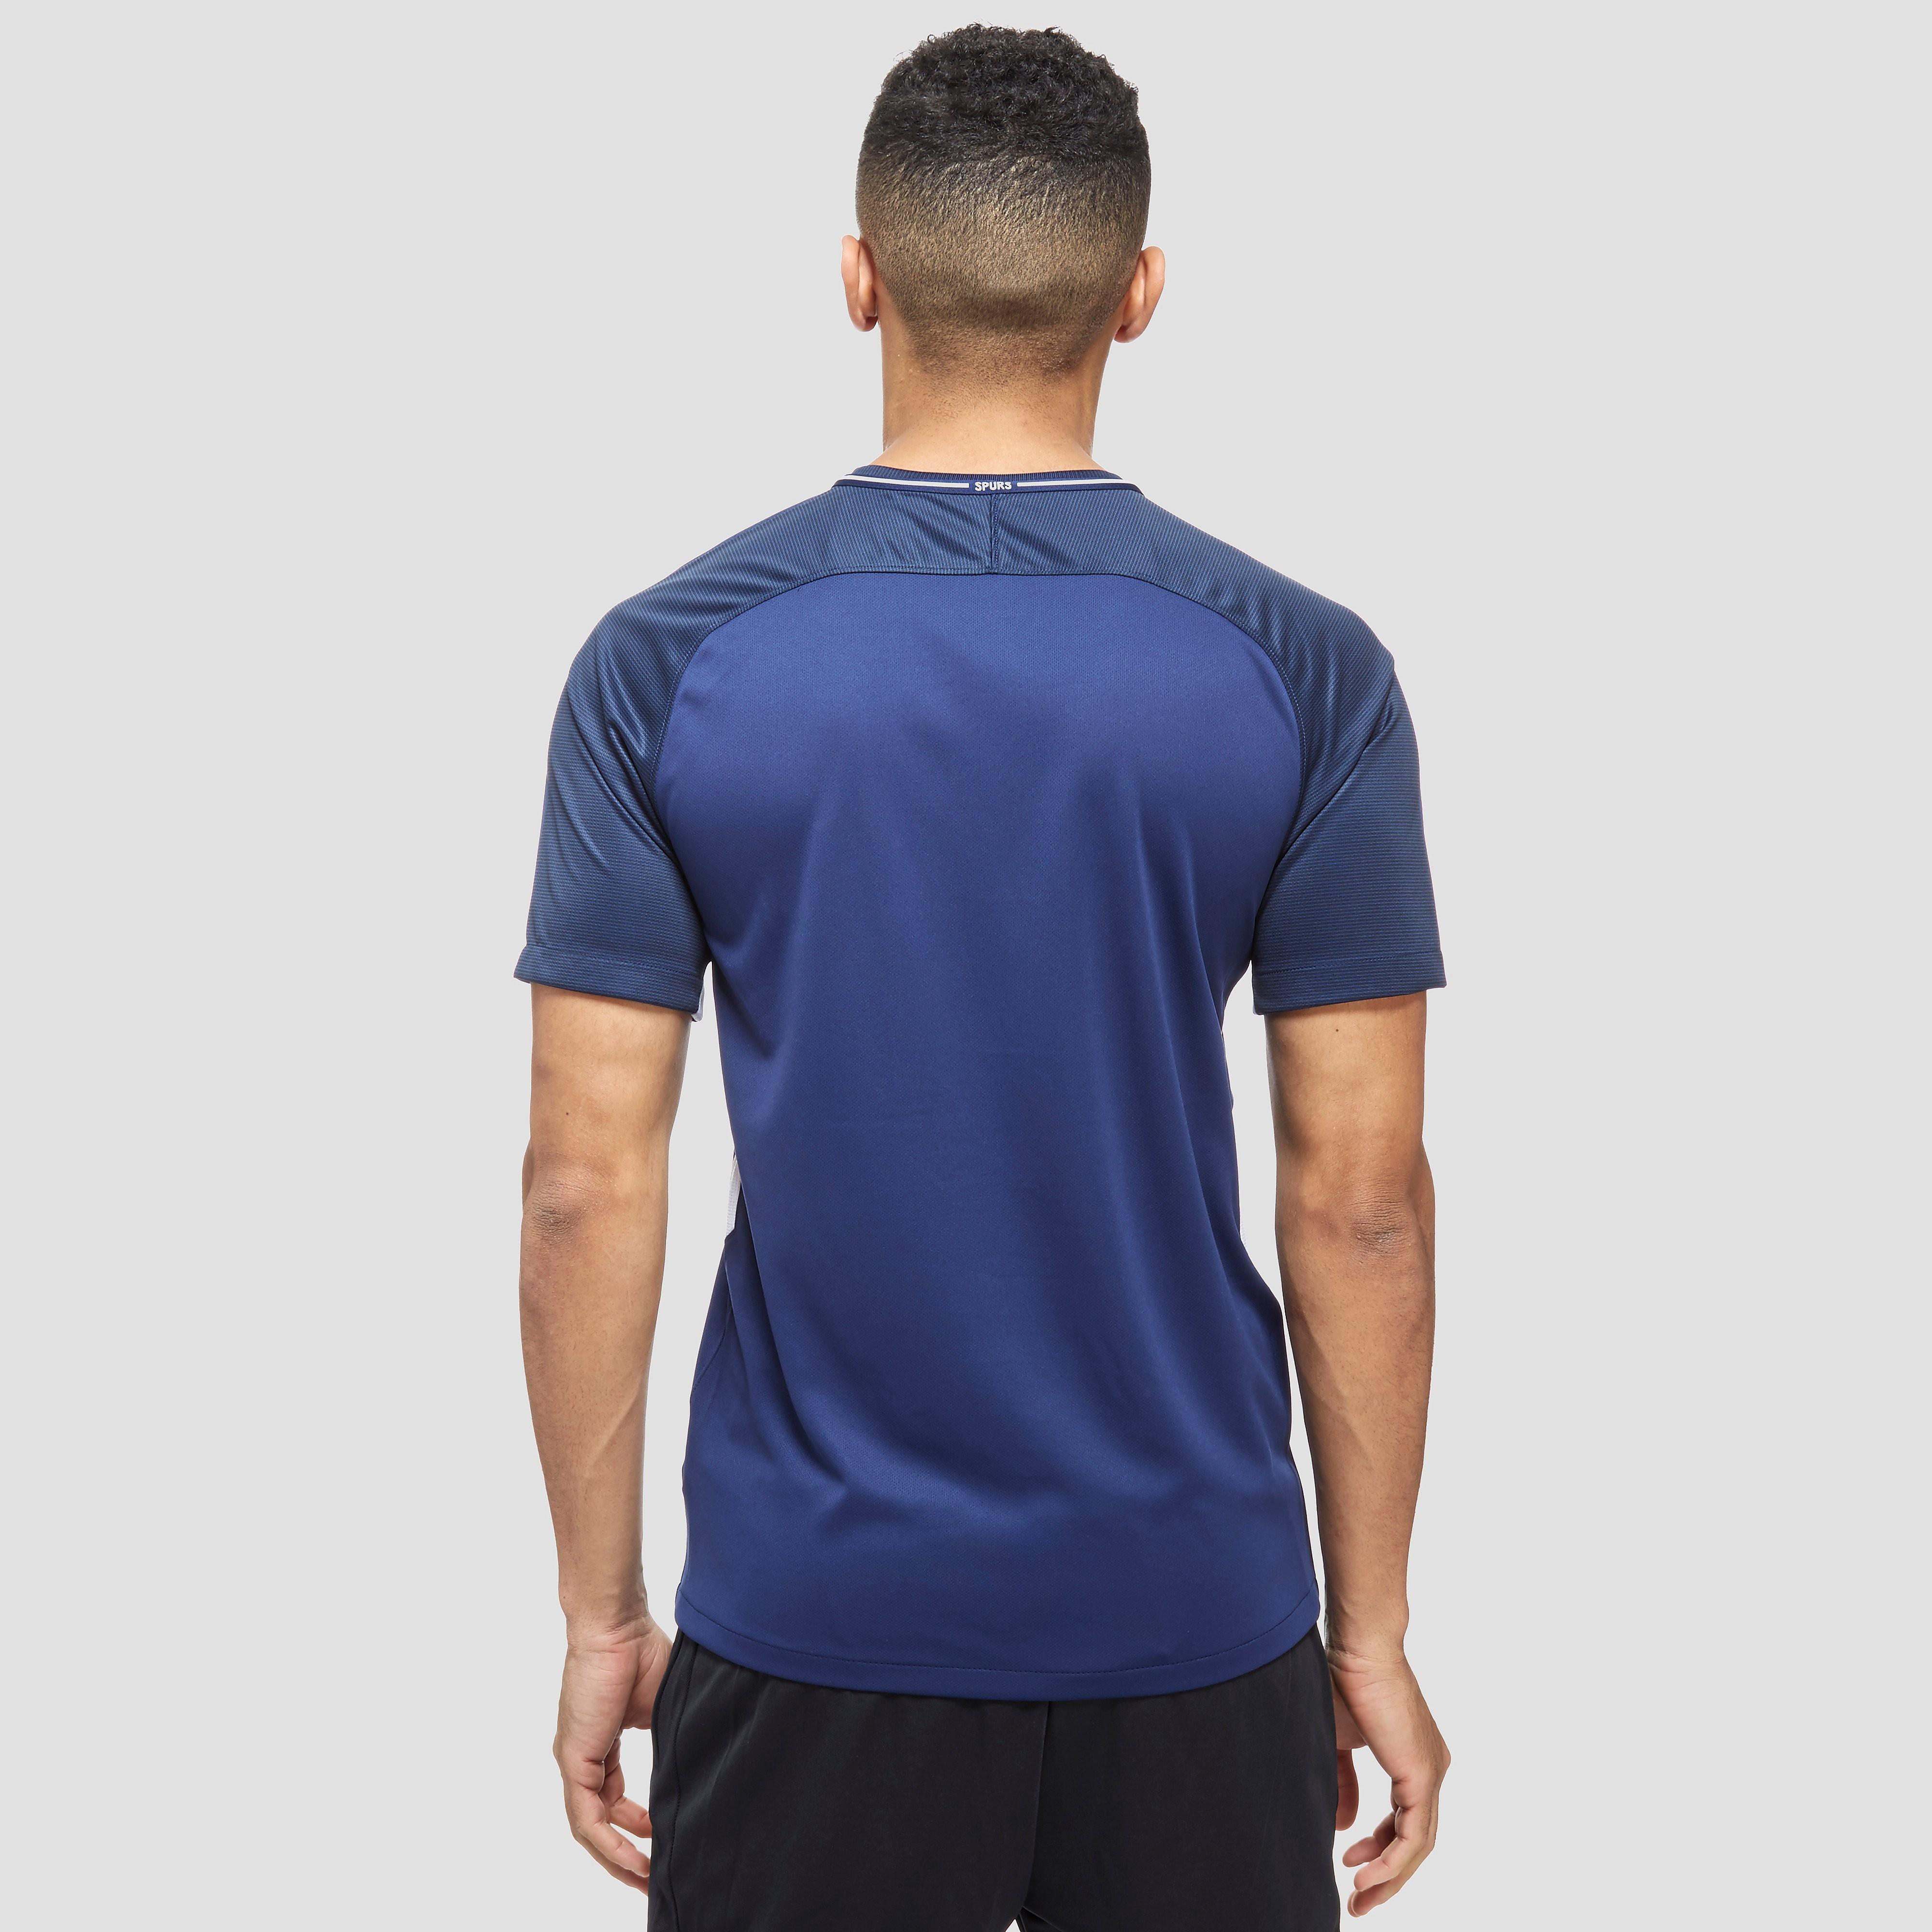 Nike Tottenham Hotspur 2017/18 Away Shirt